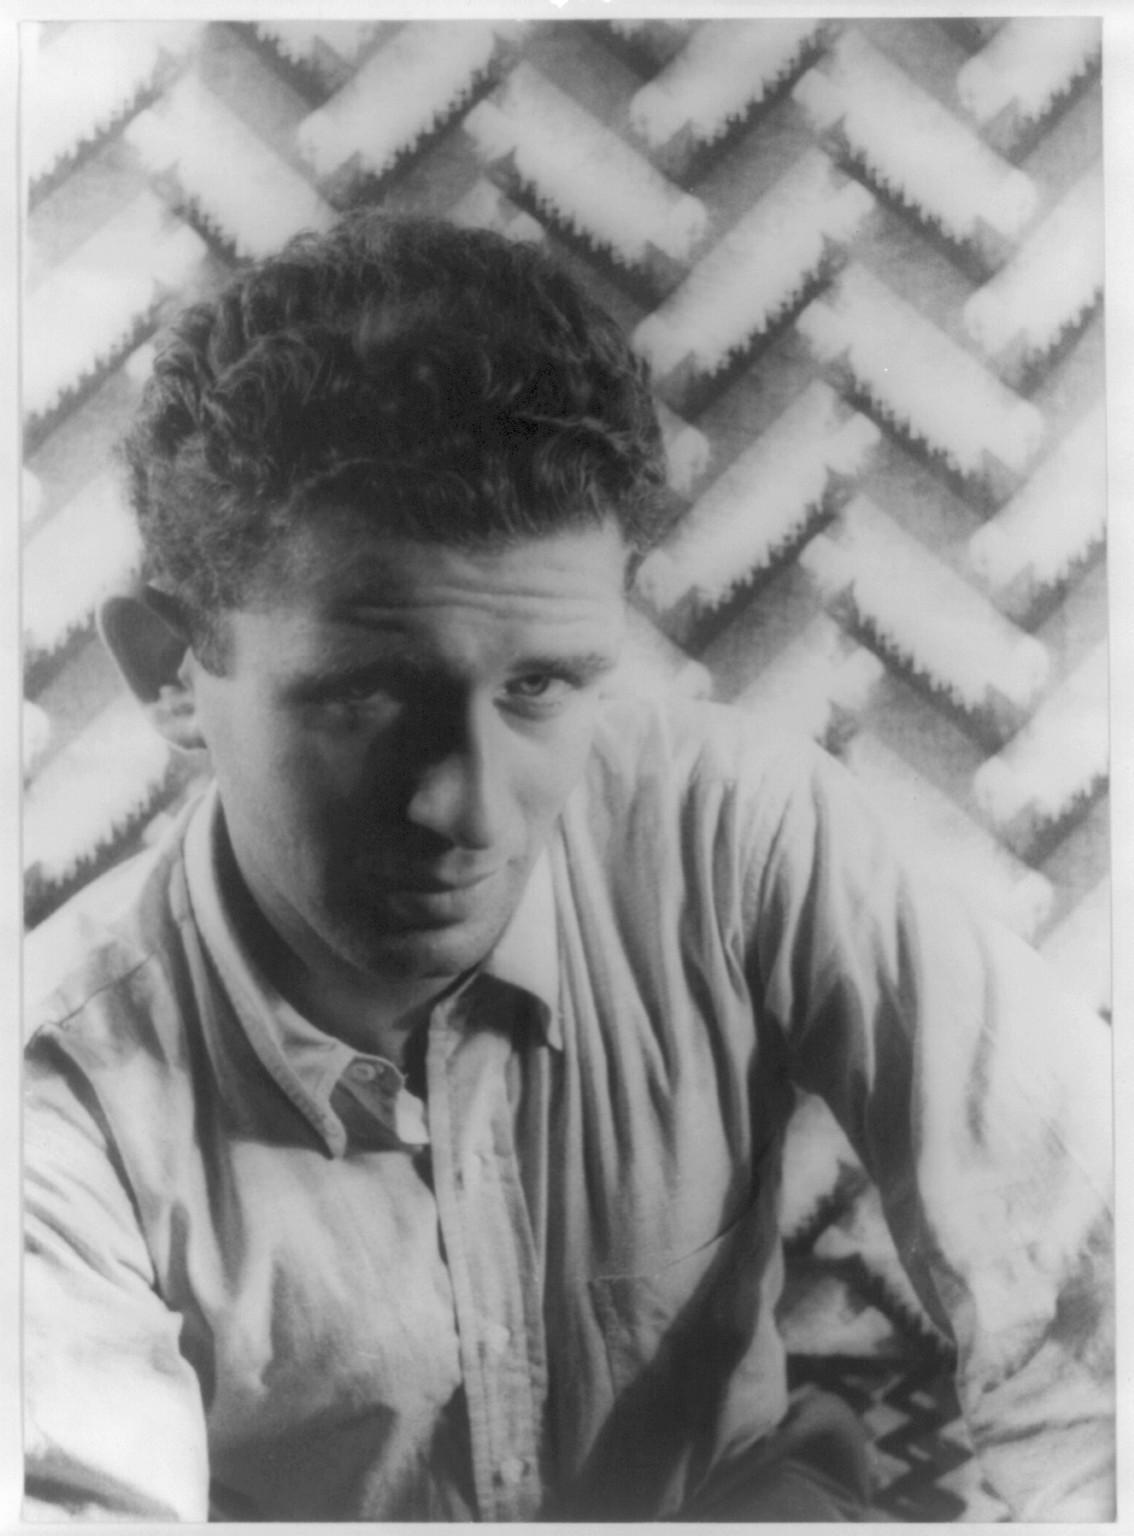 poet joseph brodsky